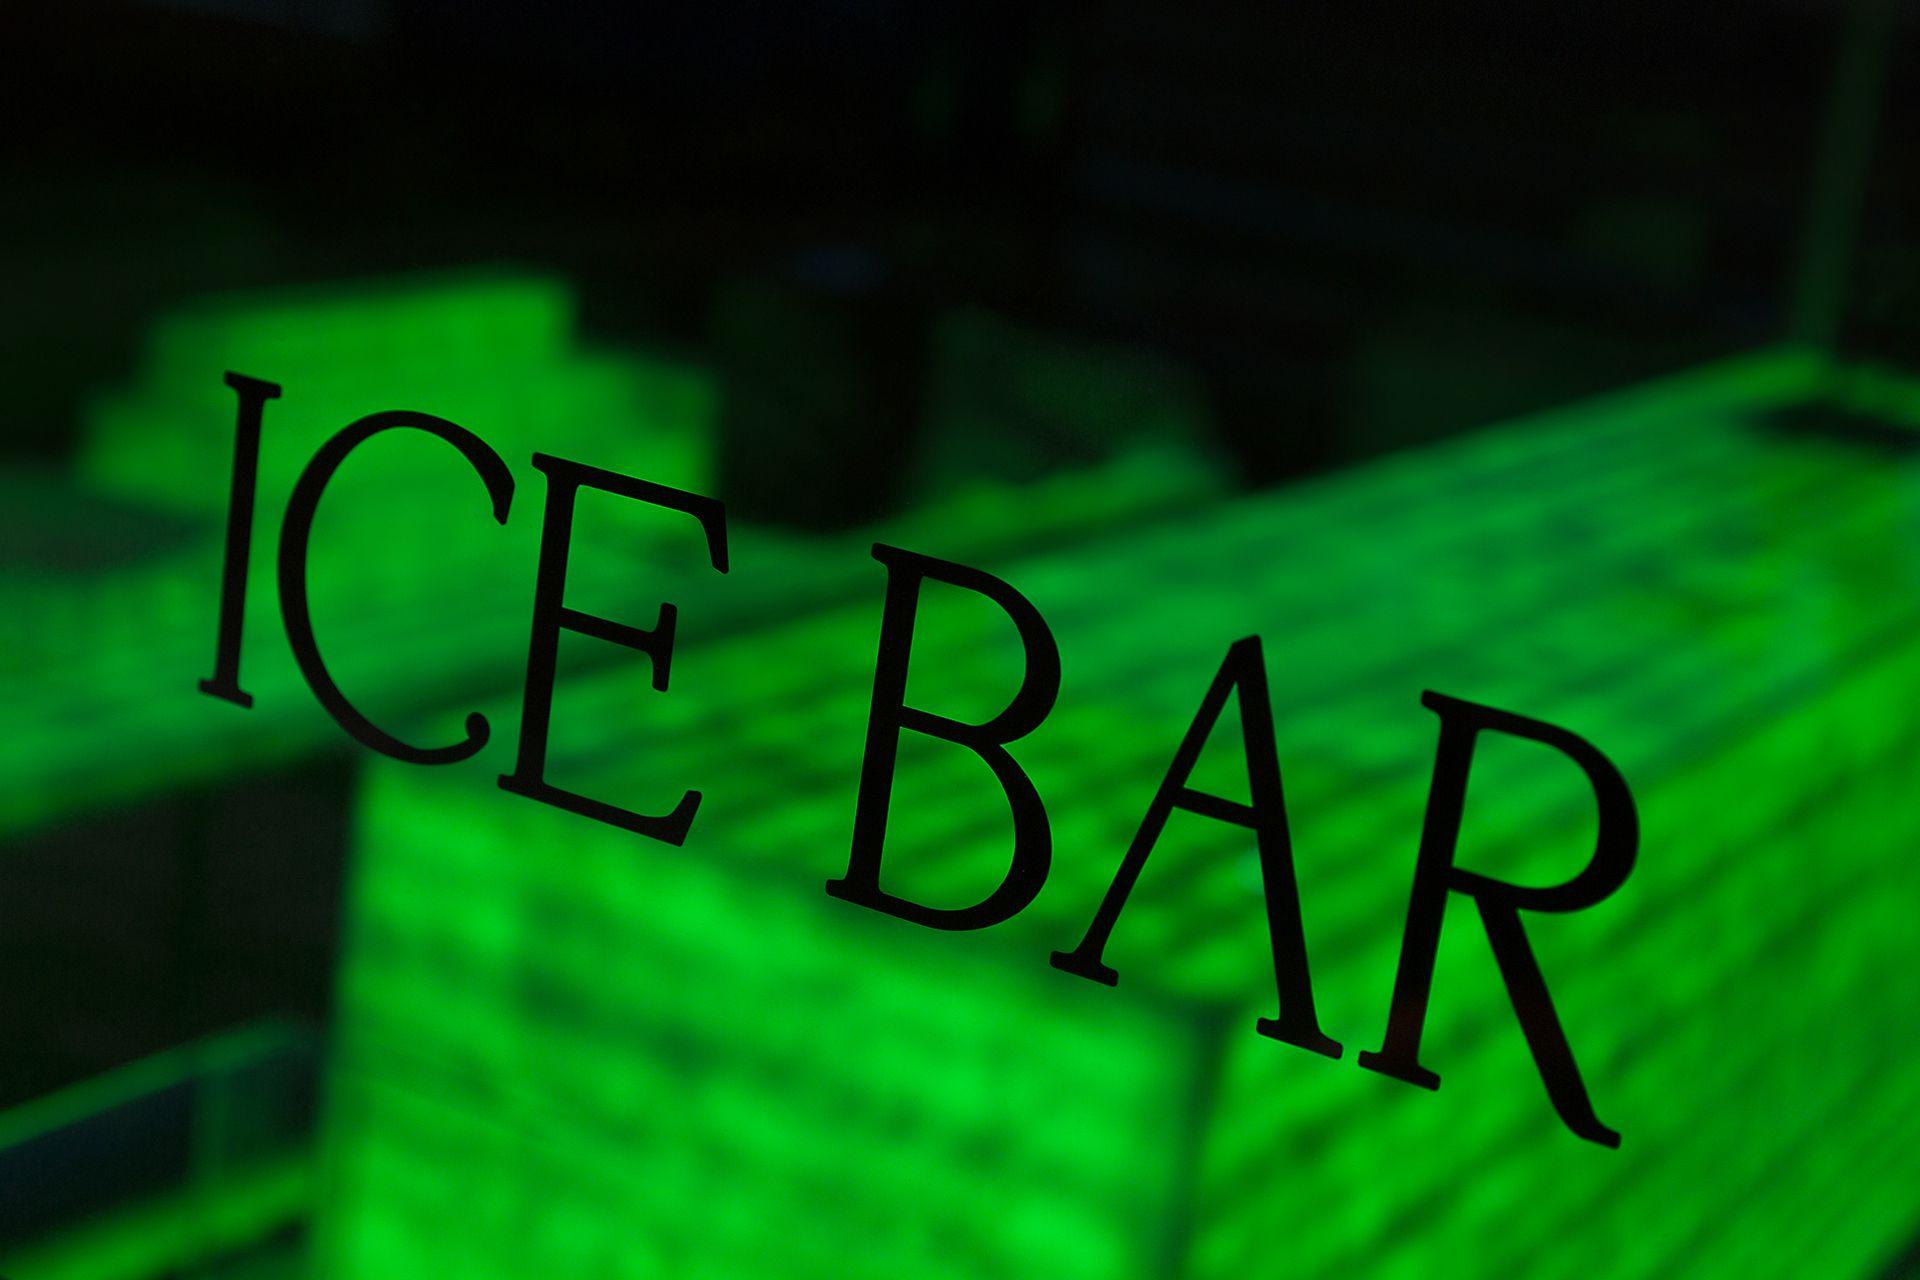 UbyUniworld_TheB_ICEbar_3 Paris - roteiro de lua de mel exclusivo para o público jovem | Lua de Mel